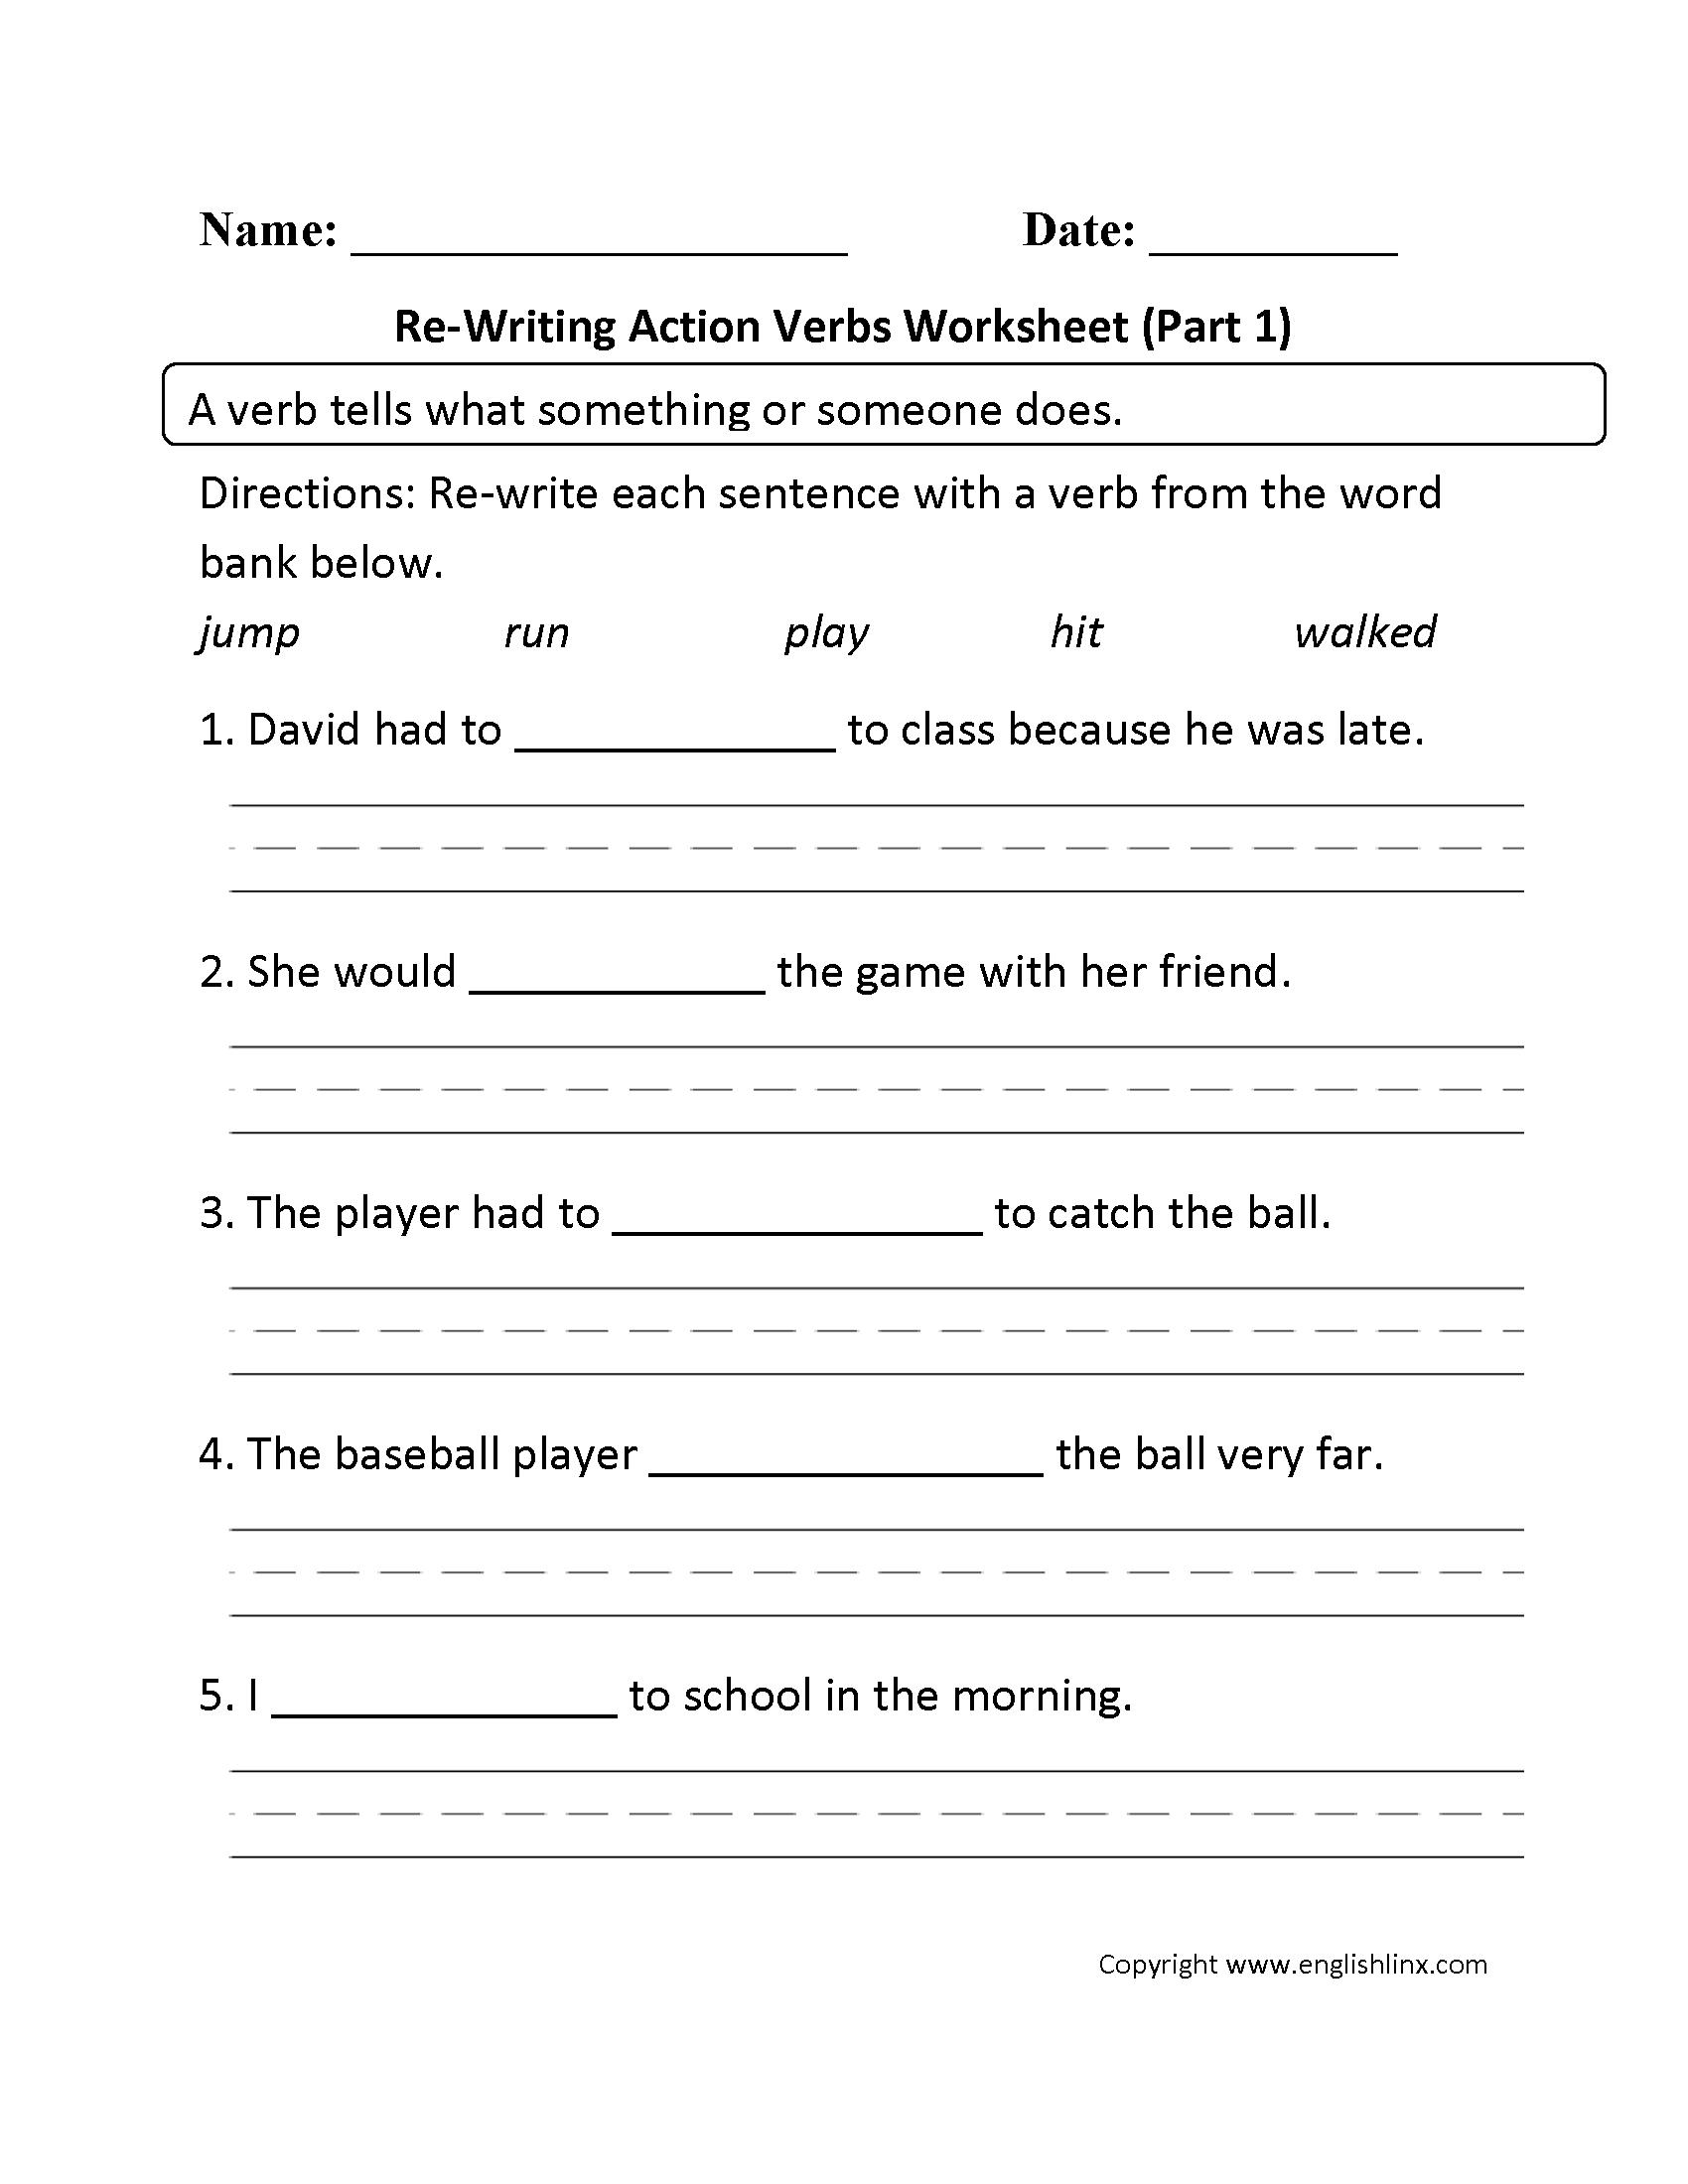 Verbs Worksheets   Action Verbs Worksheets - Free Printable Verb Worksheets